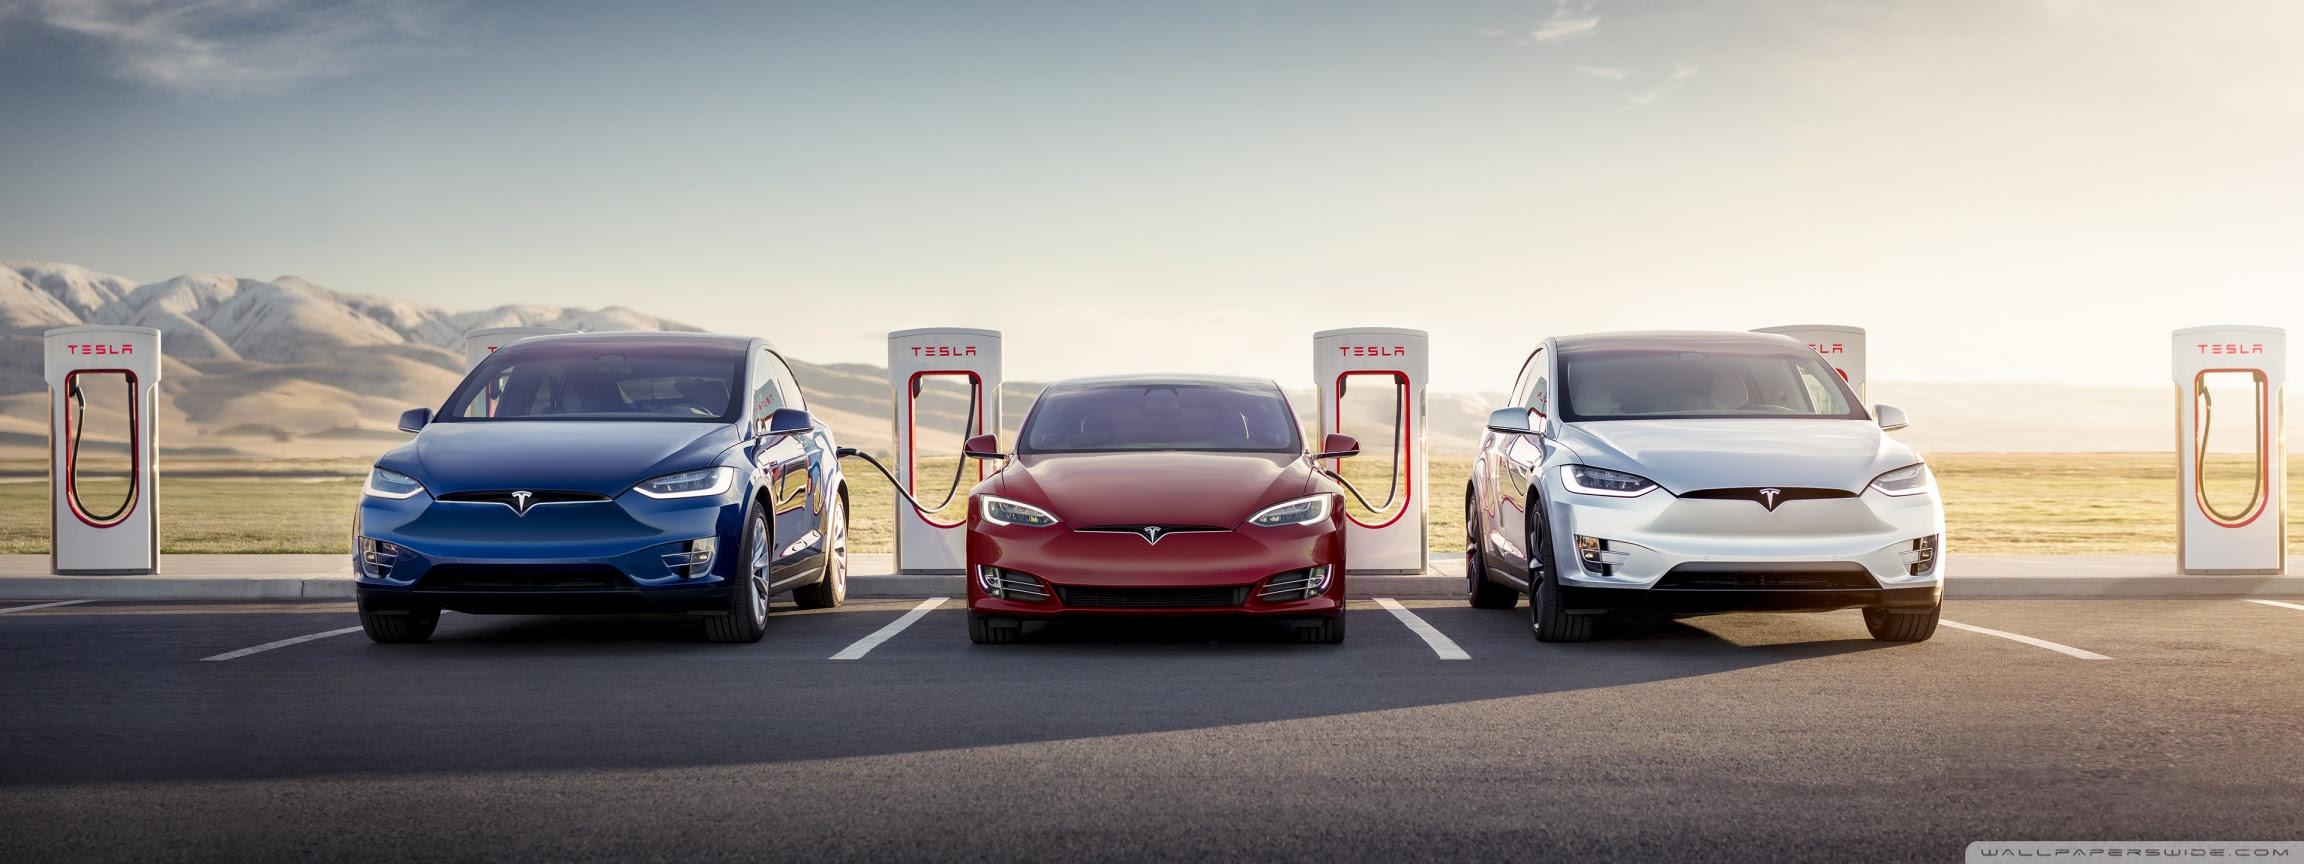 Tesla Model S and X